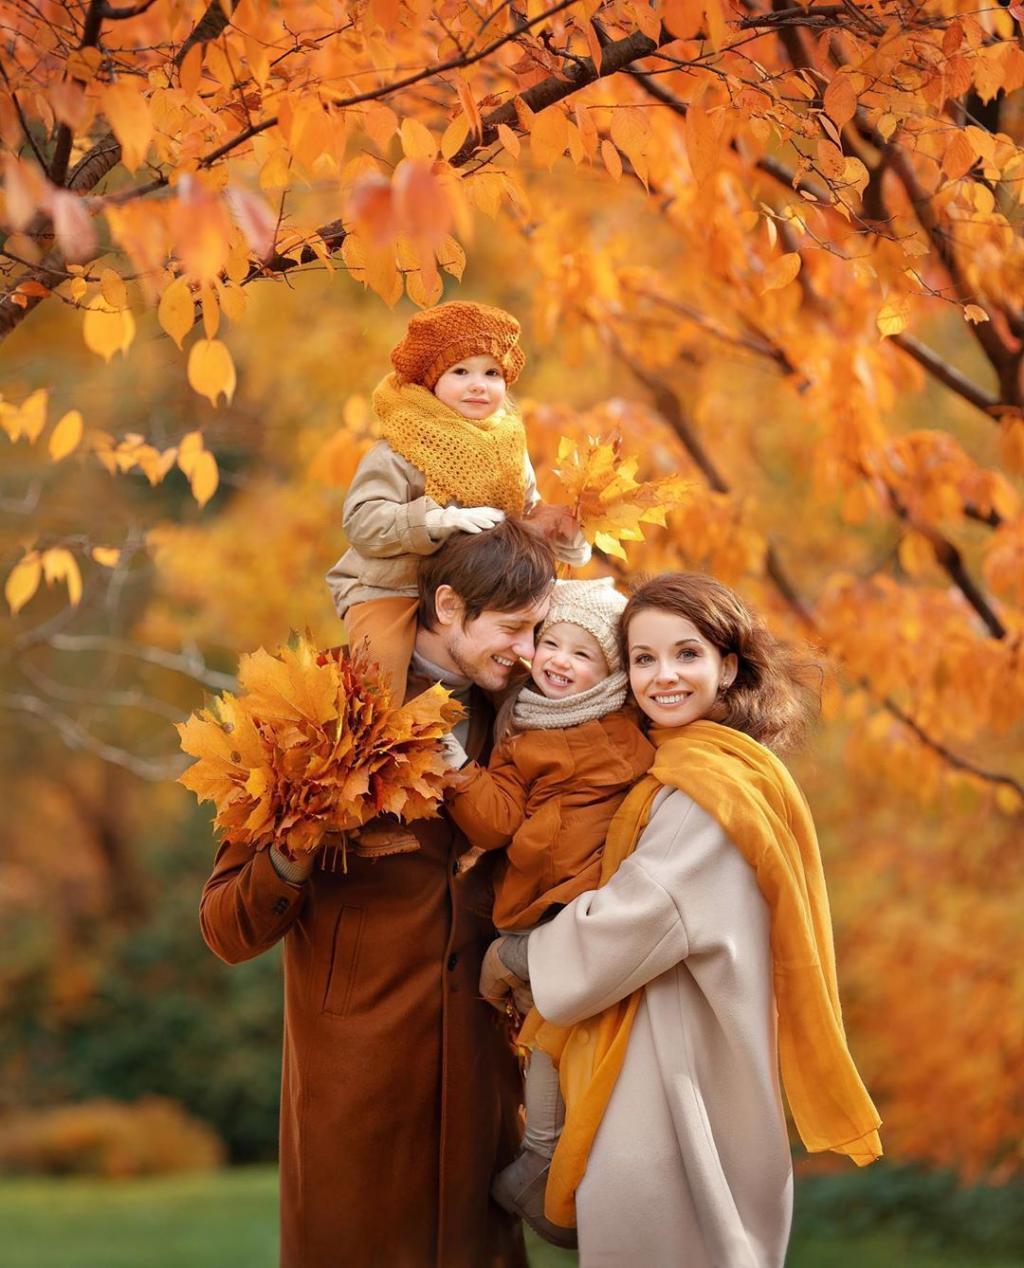 ژست خانوادگی در پاییز